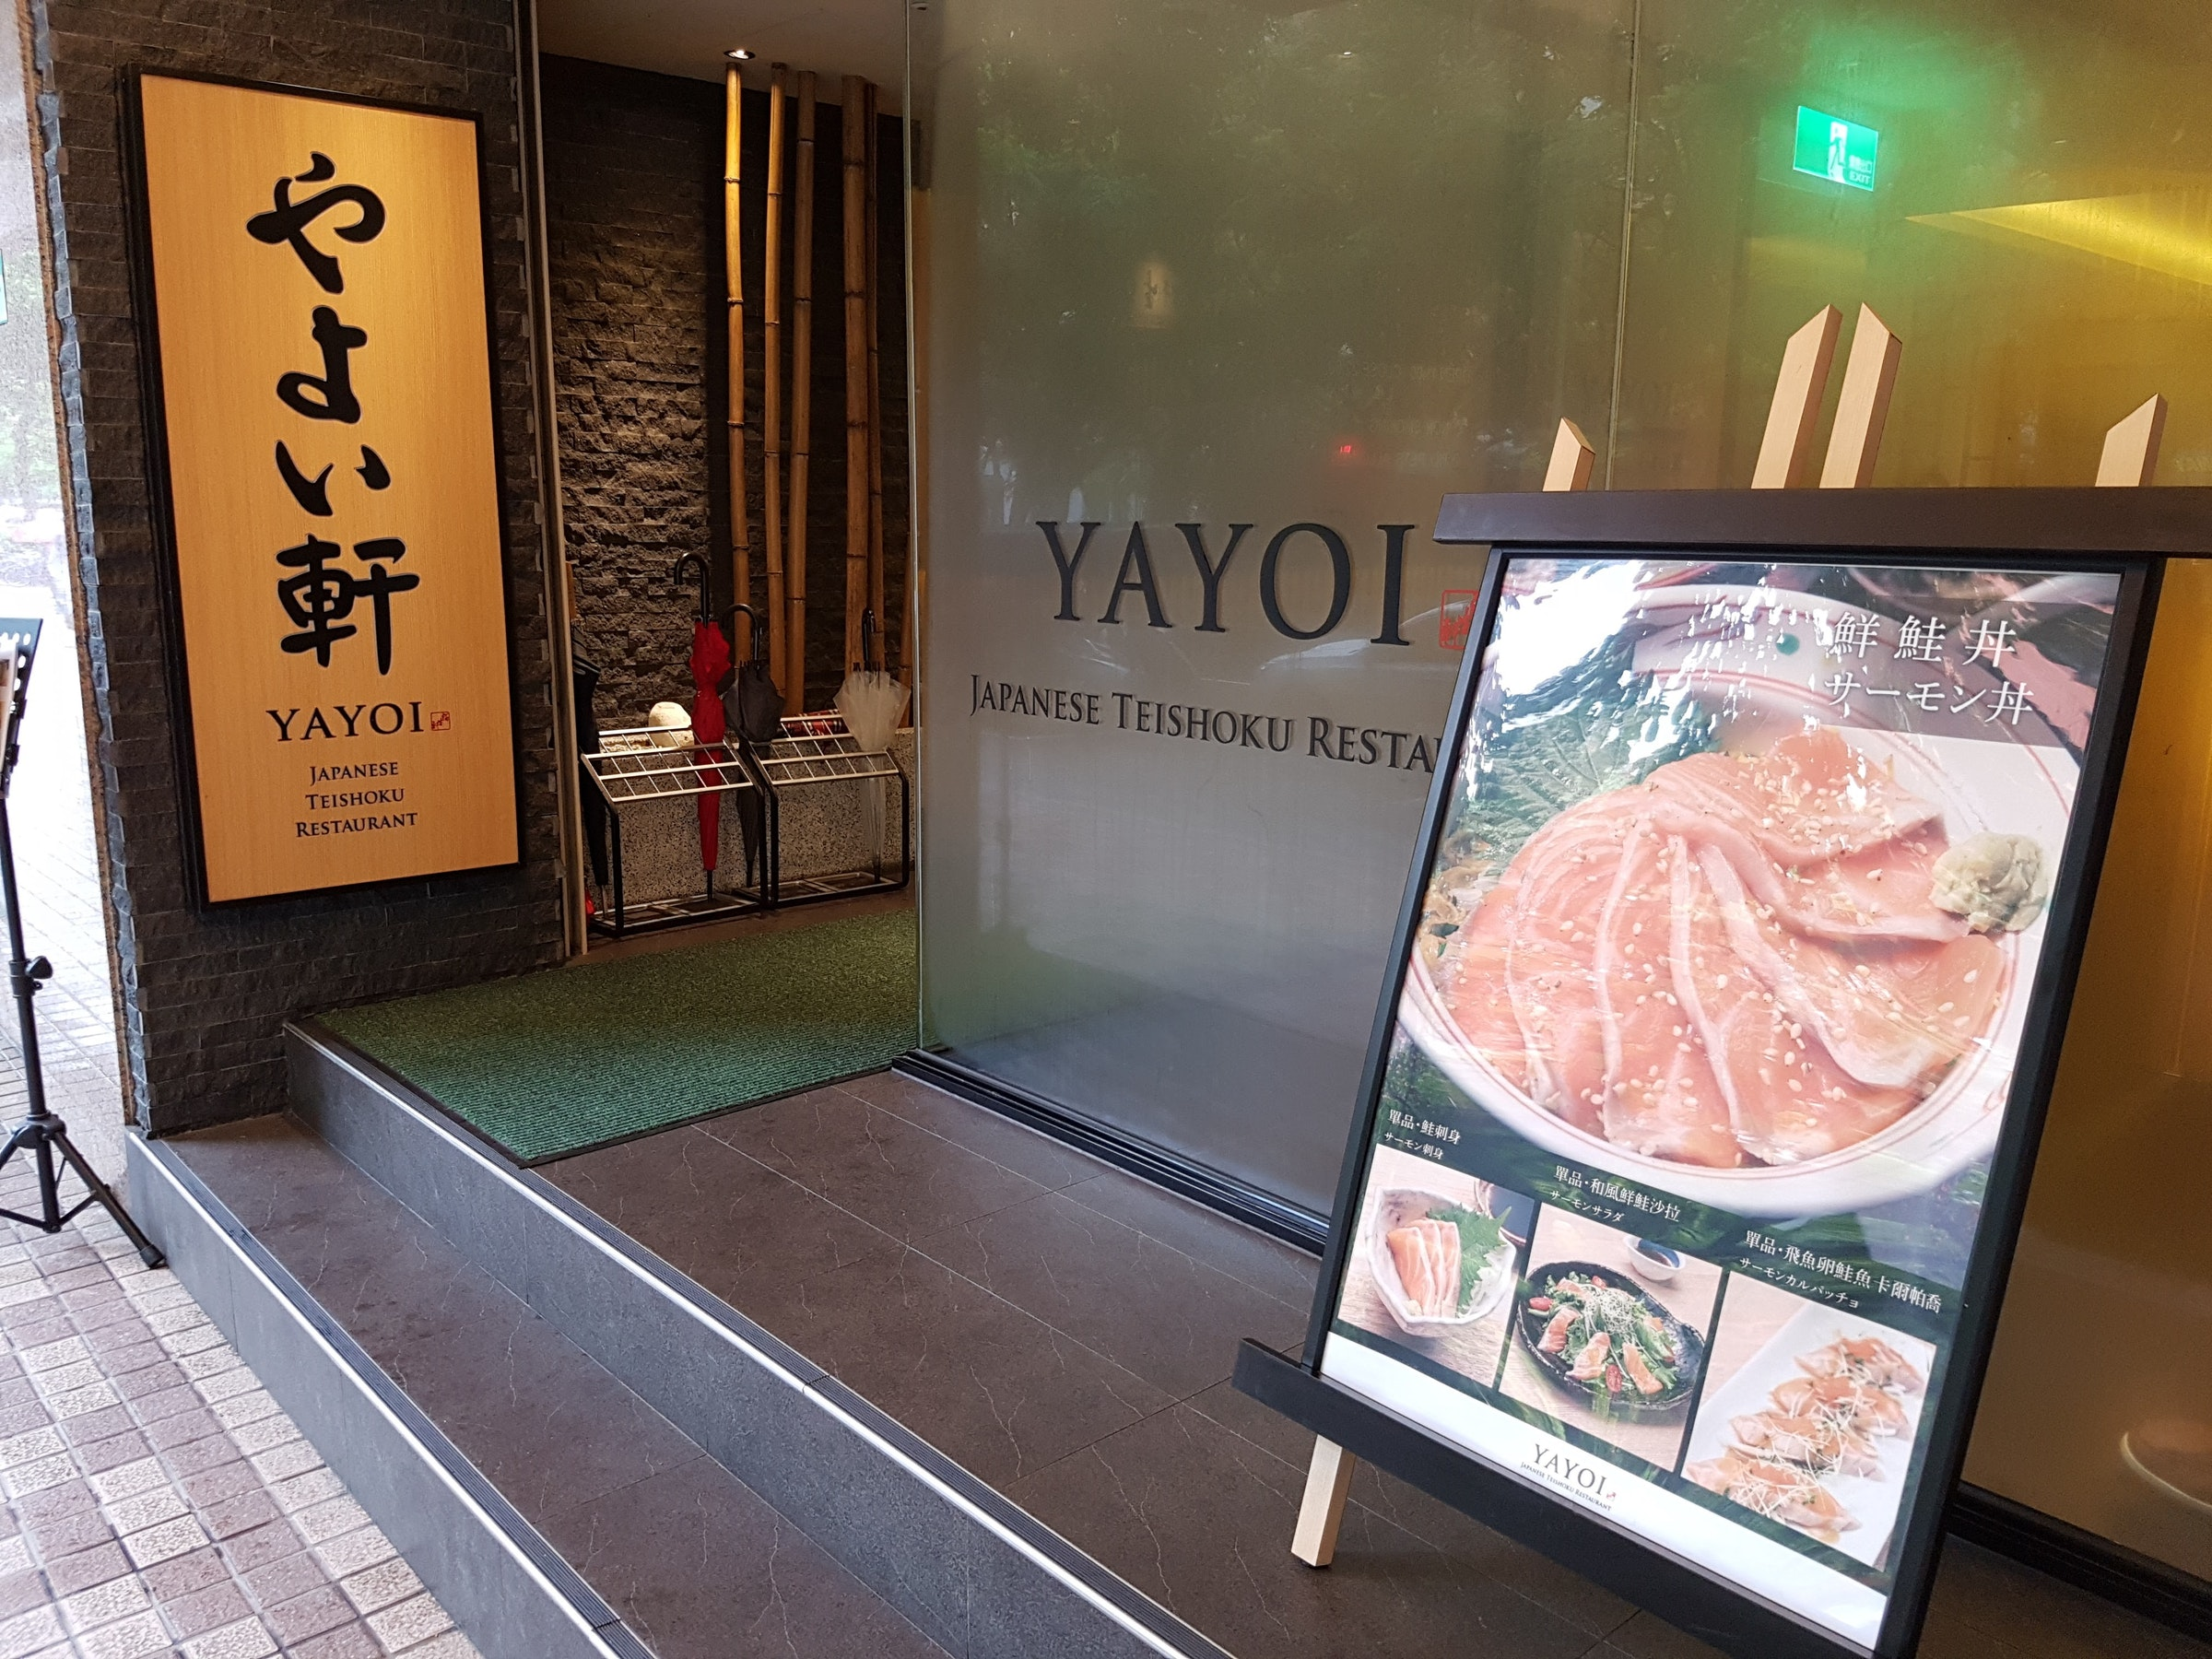 照片中提到了EXIT、NAW、YAYOI,包含了玻璃、玻璃、牢不可破